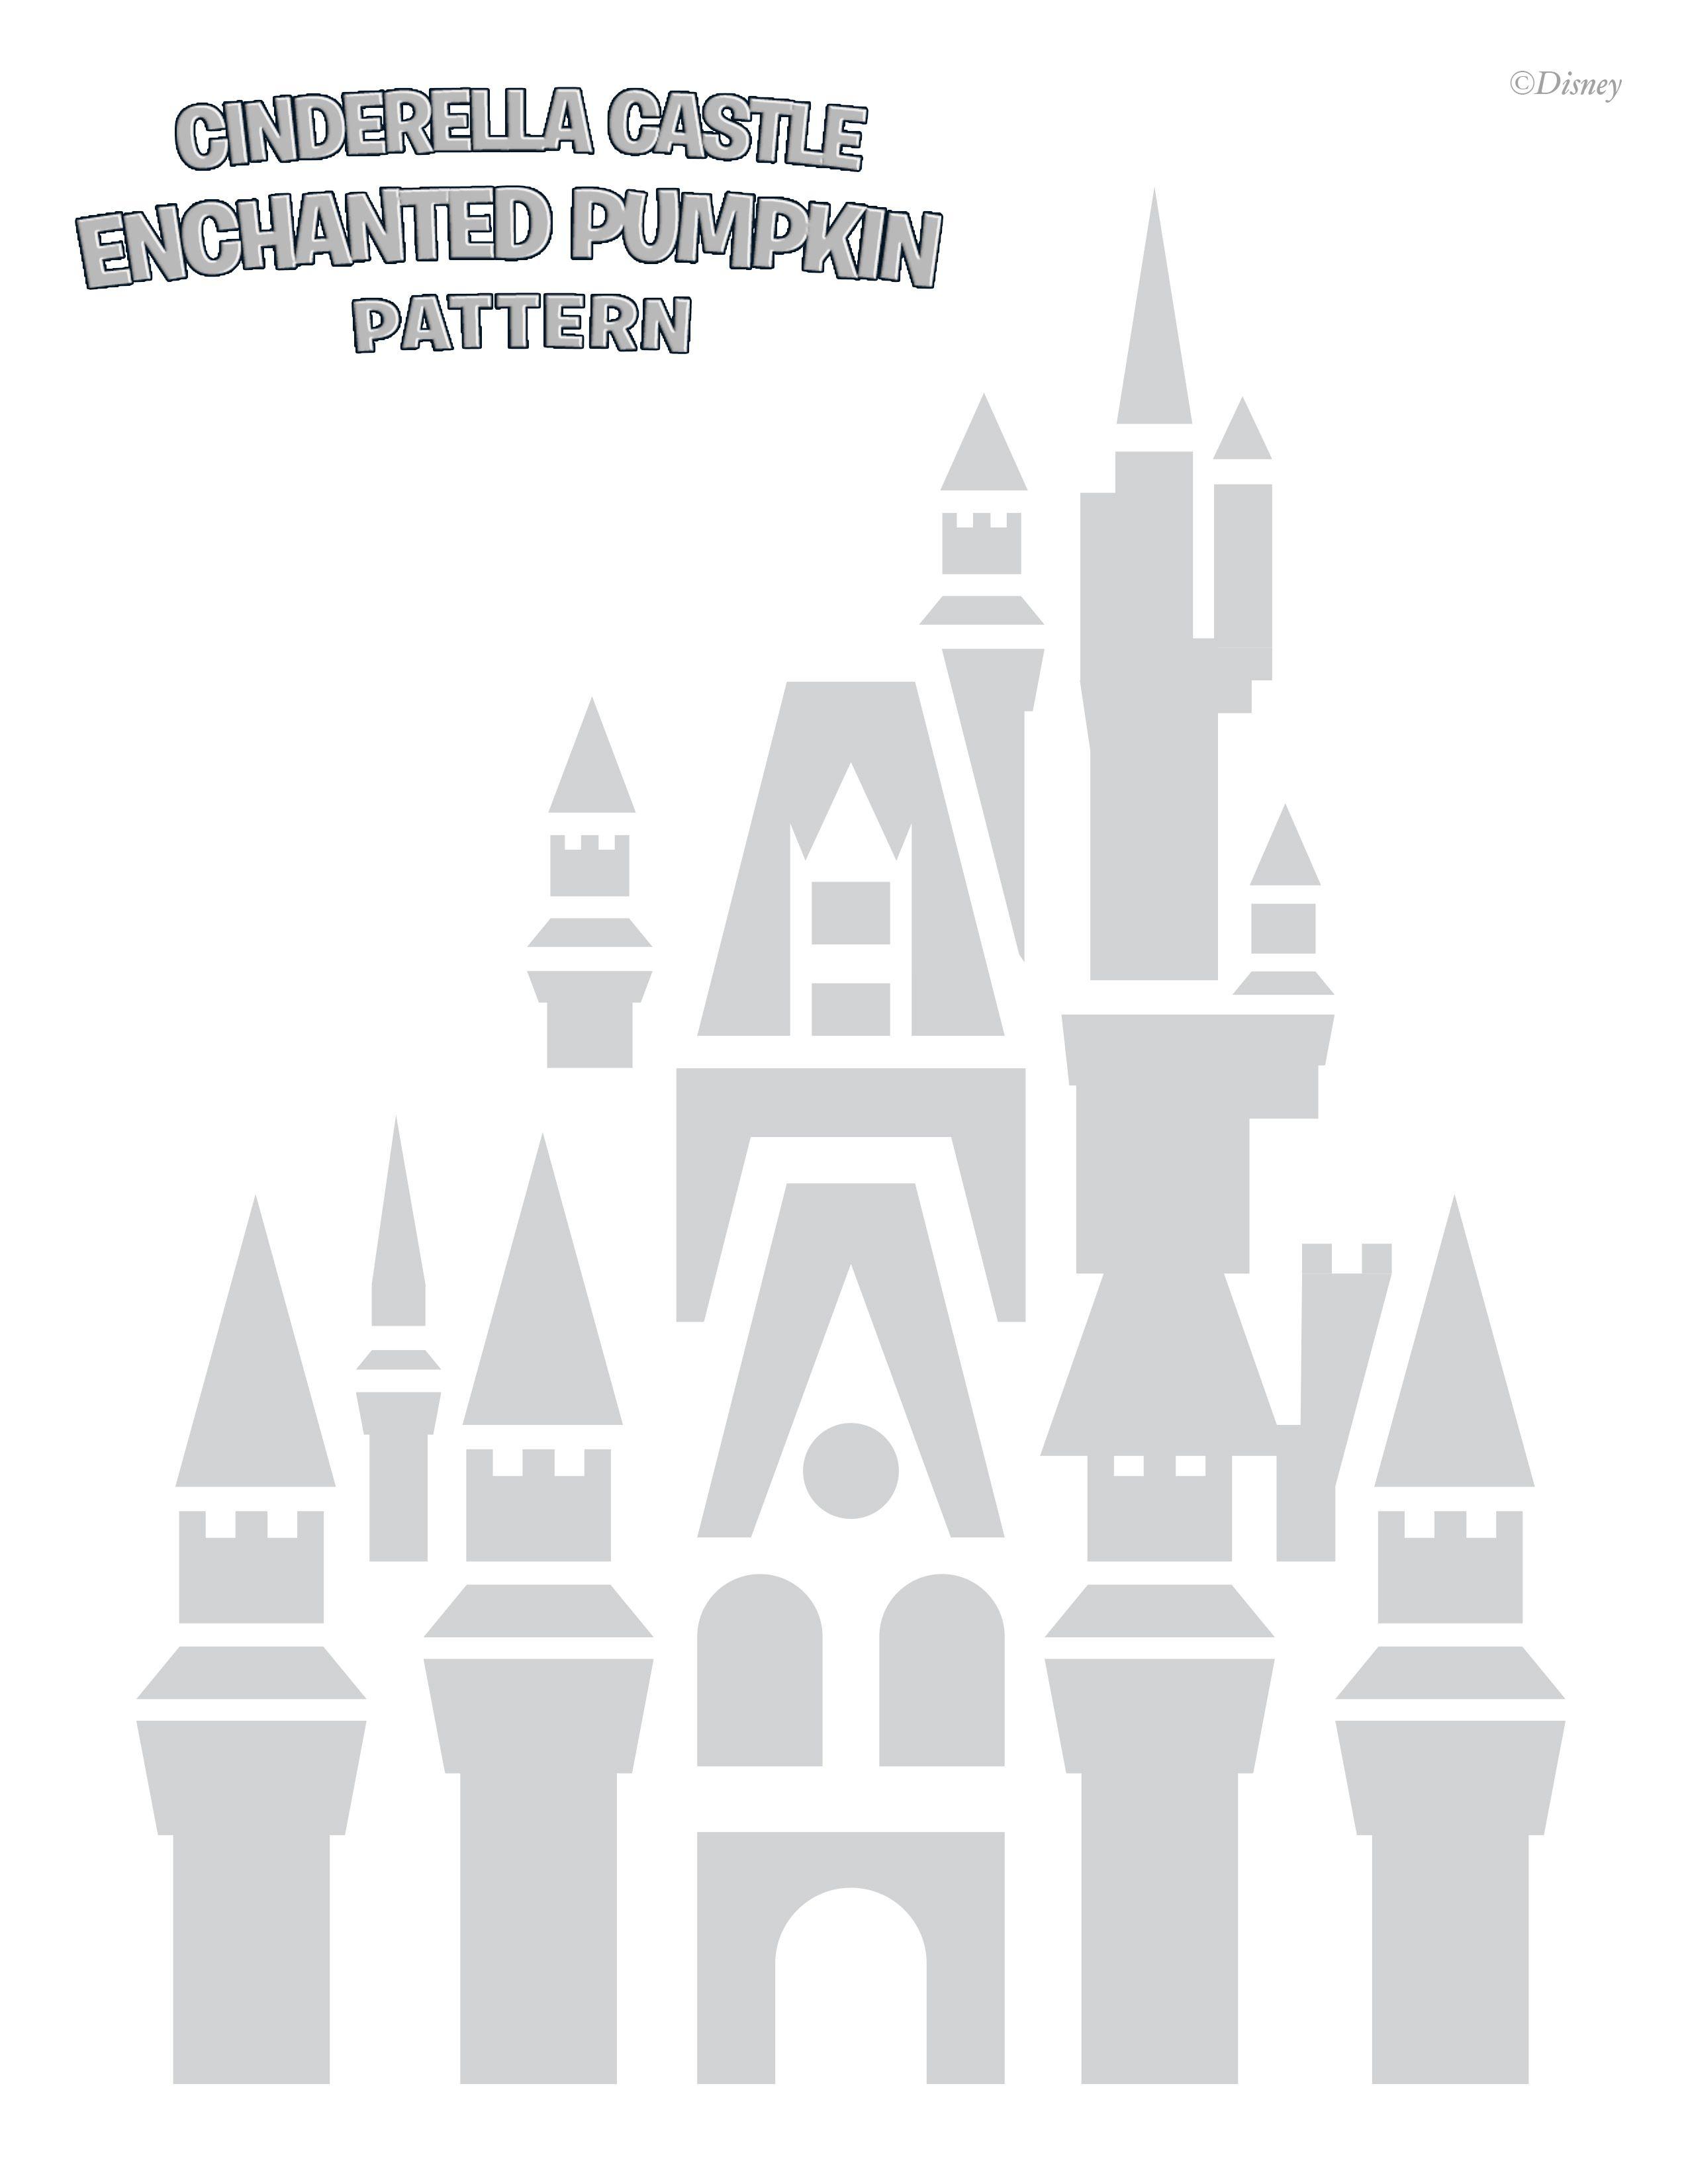 CinderellaCastle-Pumpkin-Stencil.jpg 2,550×3,300 pixels | Freezer ...